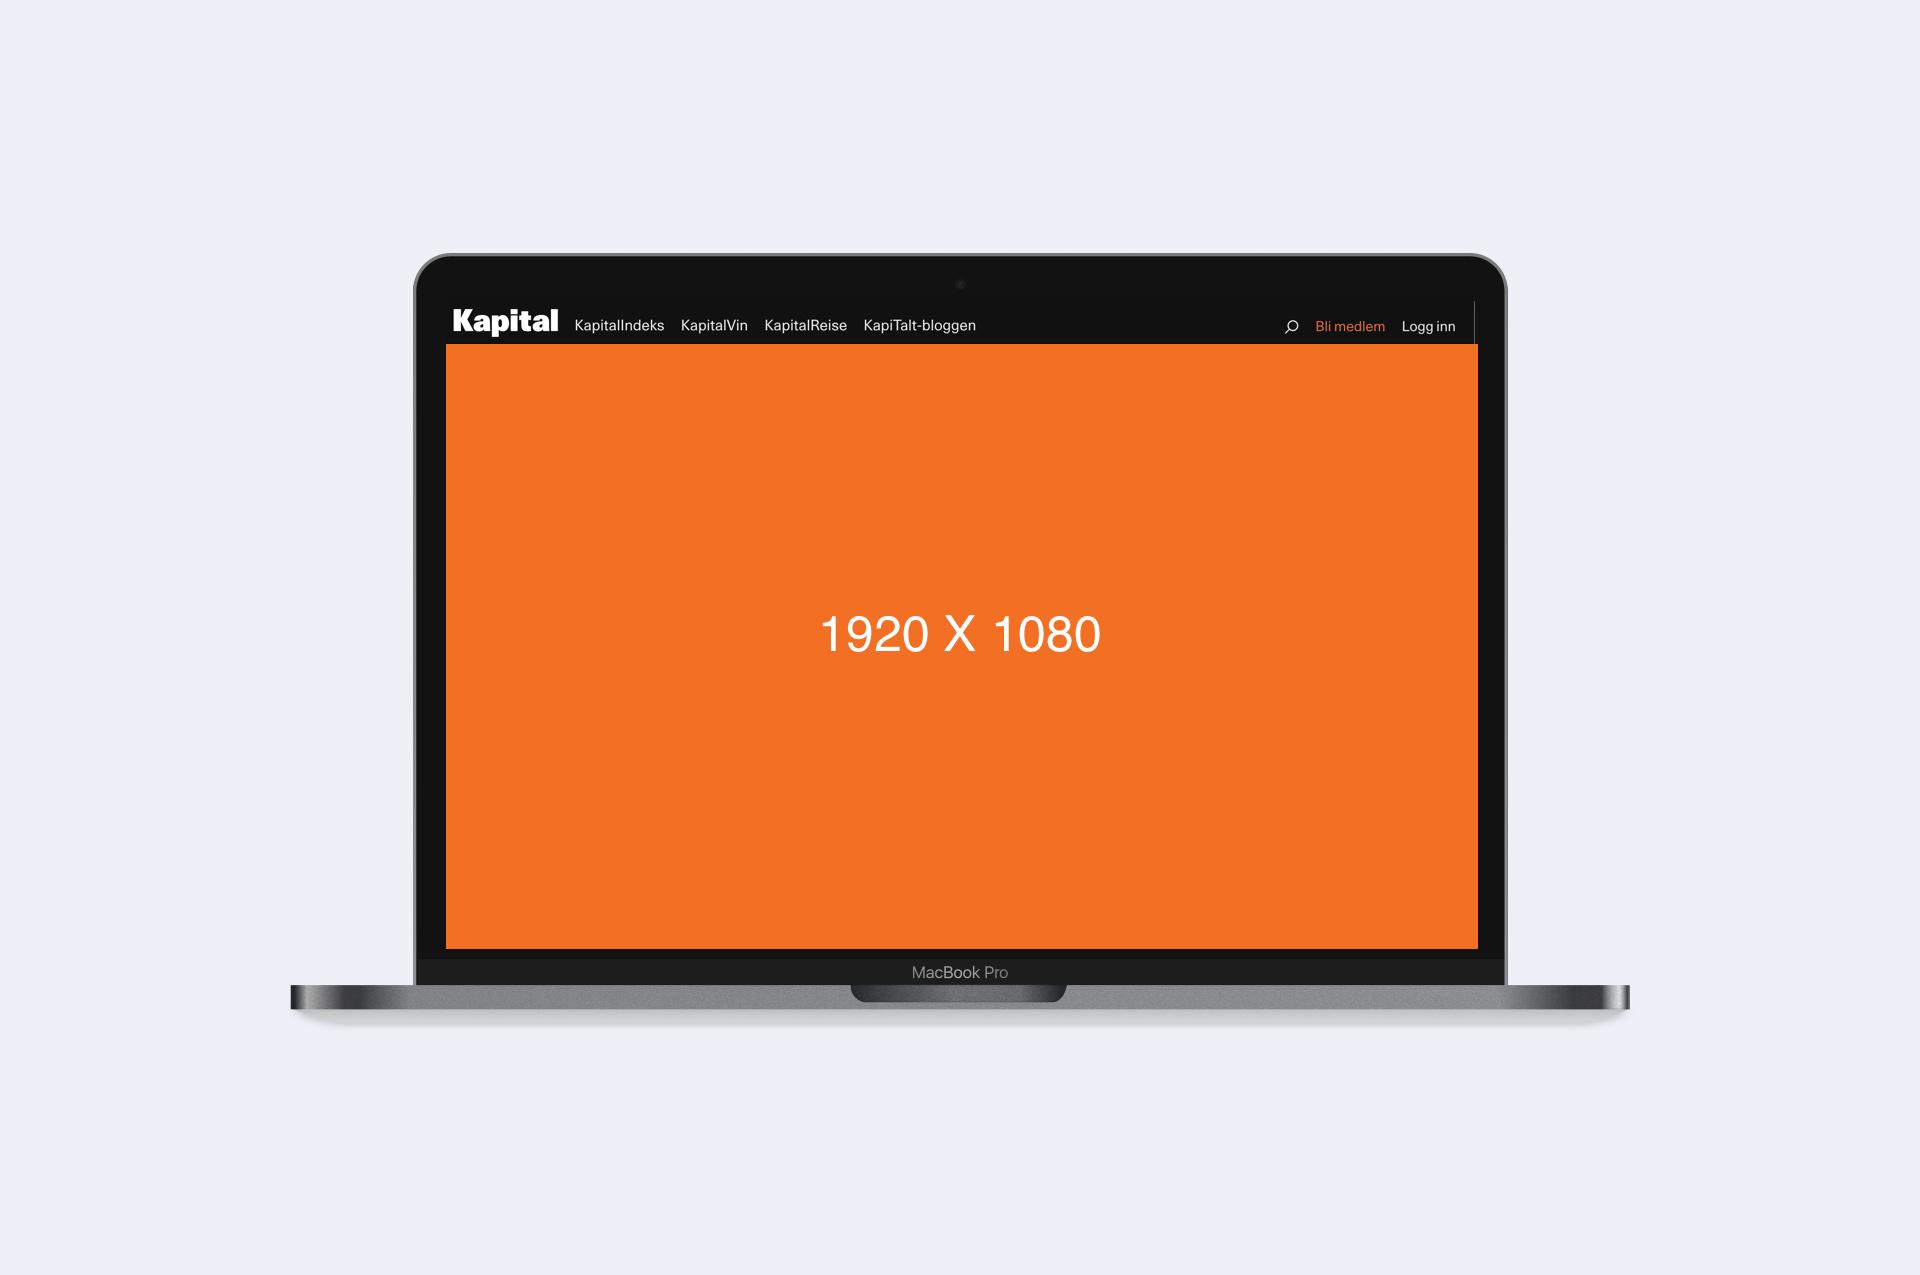 Desktop/nettbrett